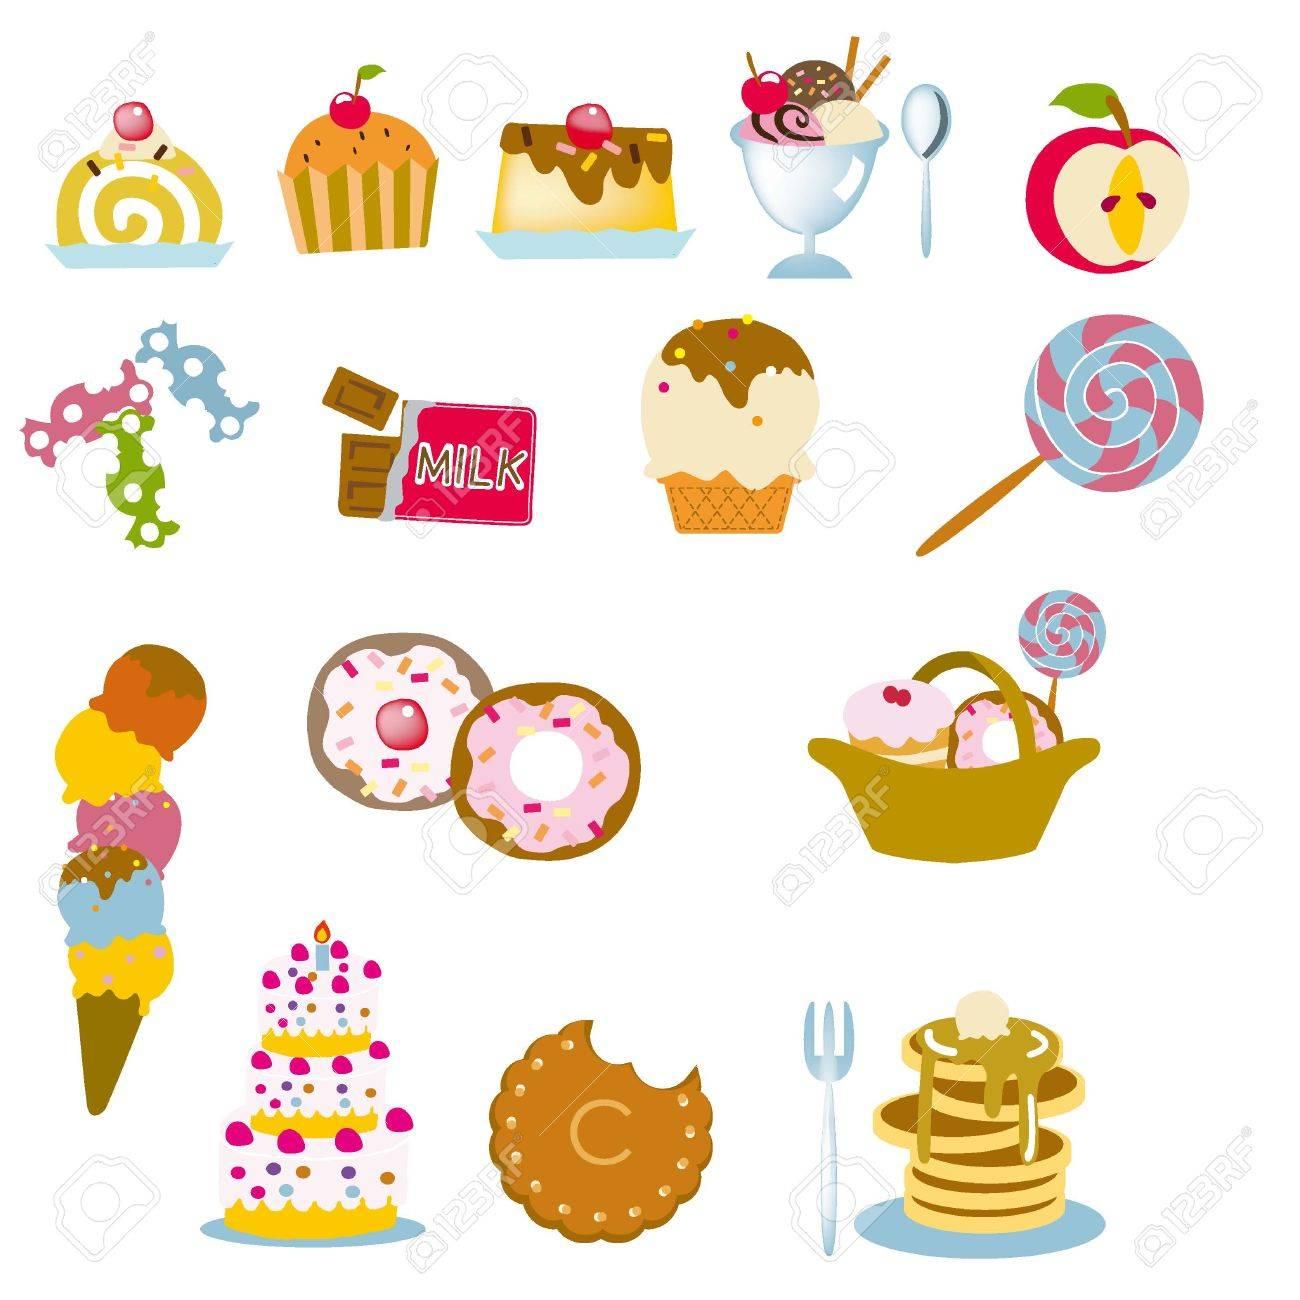 お菓子イラスト デザイン素材のイラスト素材ベクタ Image 67296377